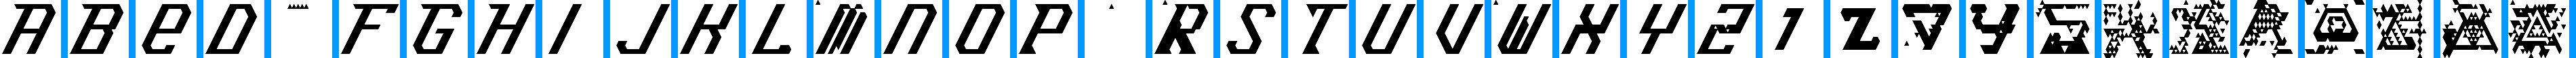 Particip-a-type v.243